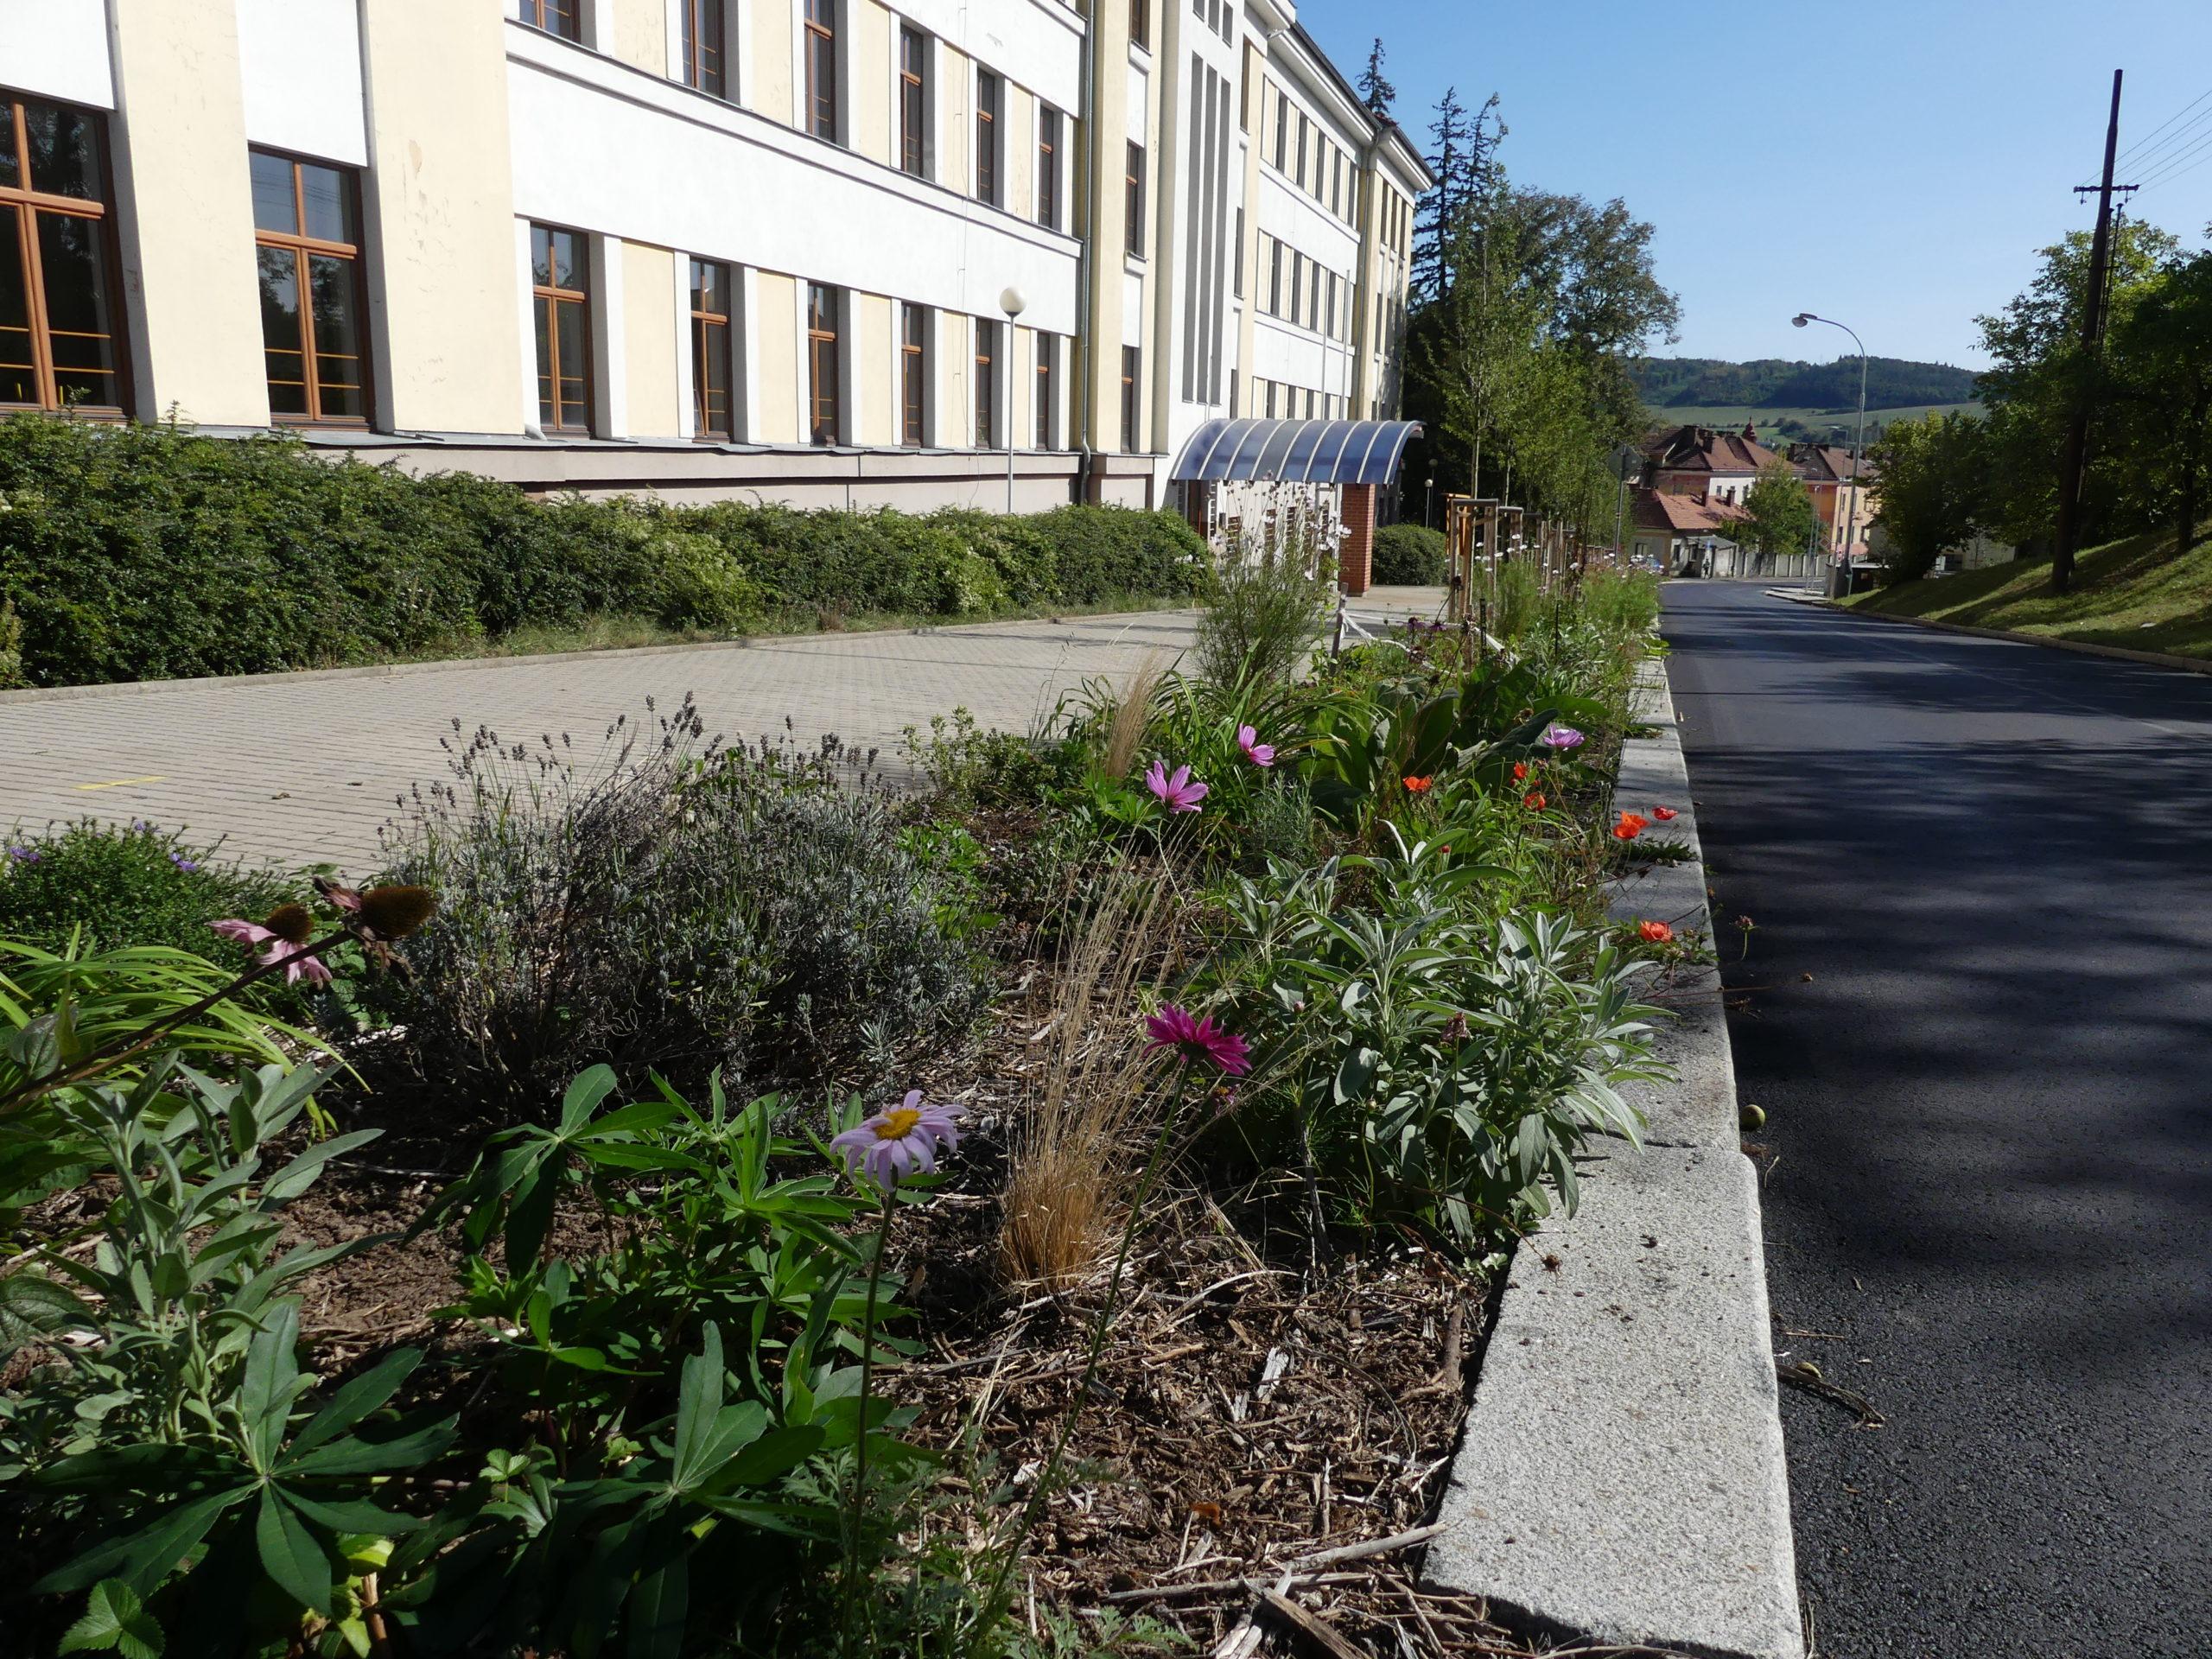 Alej a kvetoucí záhony v Talichově ulici